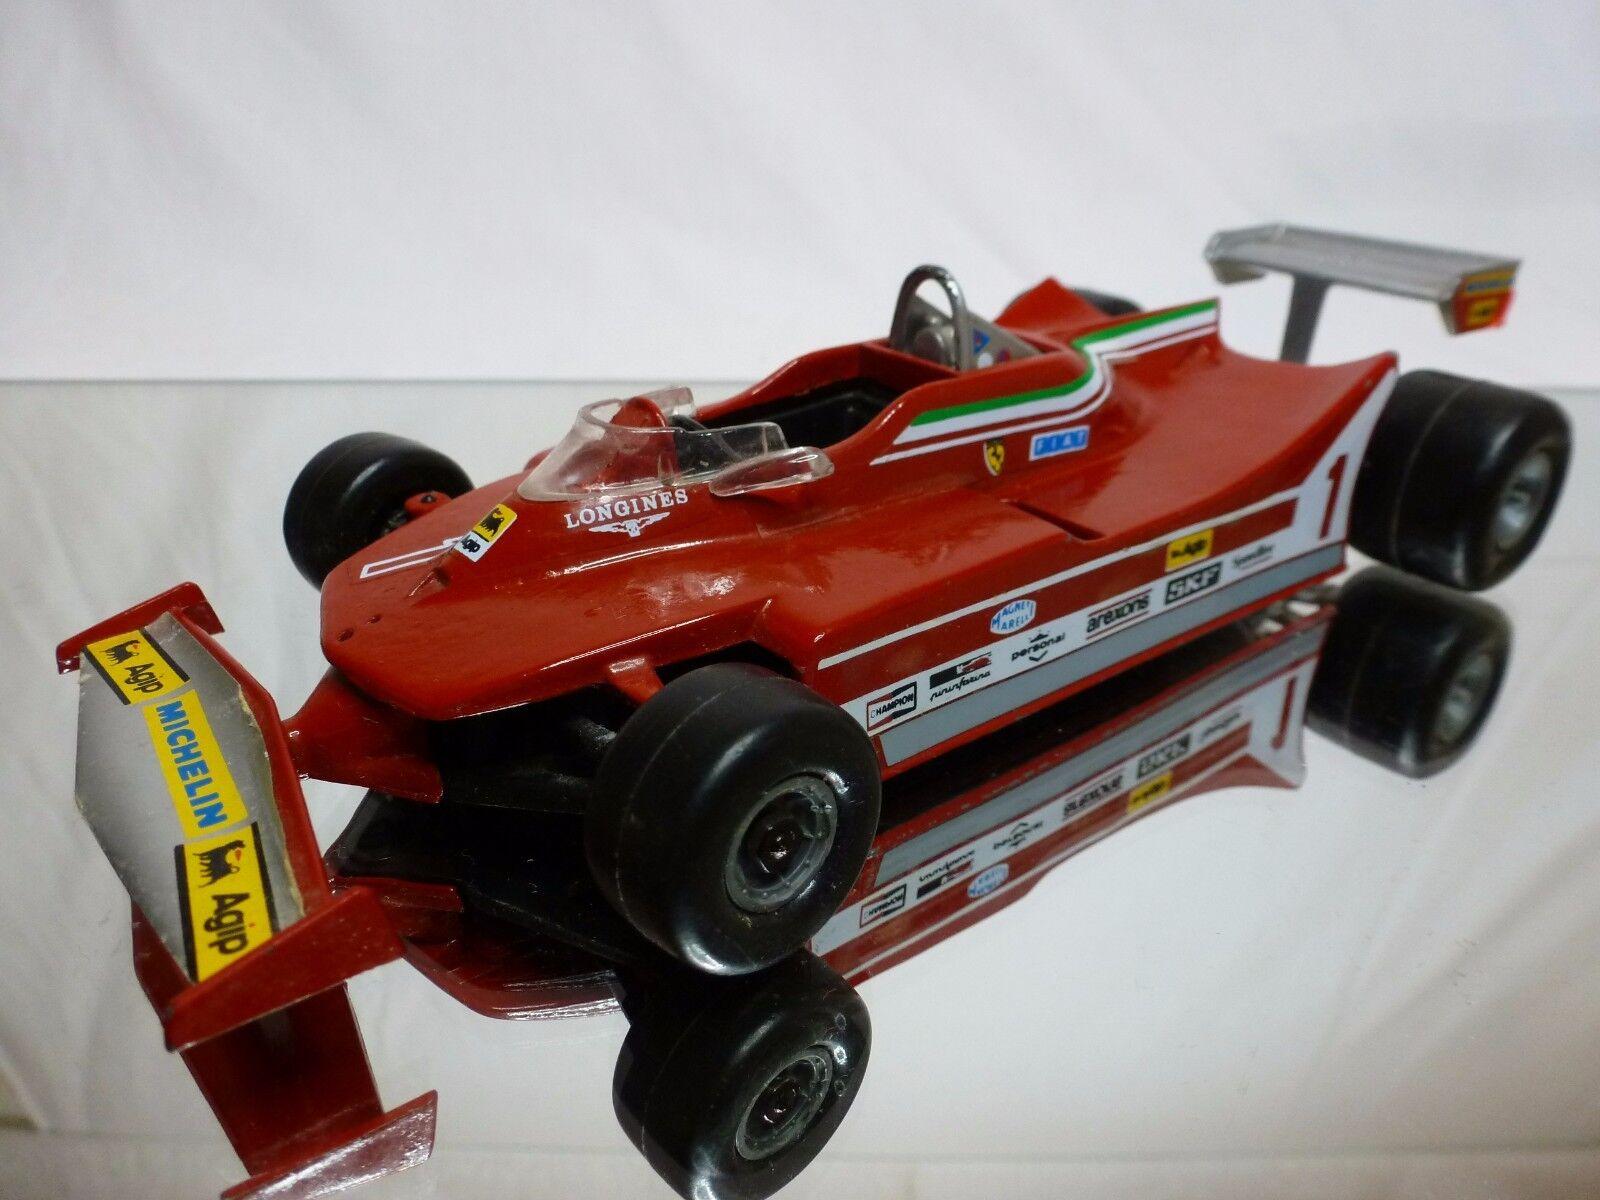 POLISTIL FG7 FERRARI 312 T5 - AGIP MICHELIN No 1 - RACE CAR F1 rouge 1 22 - RARE